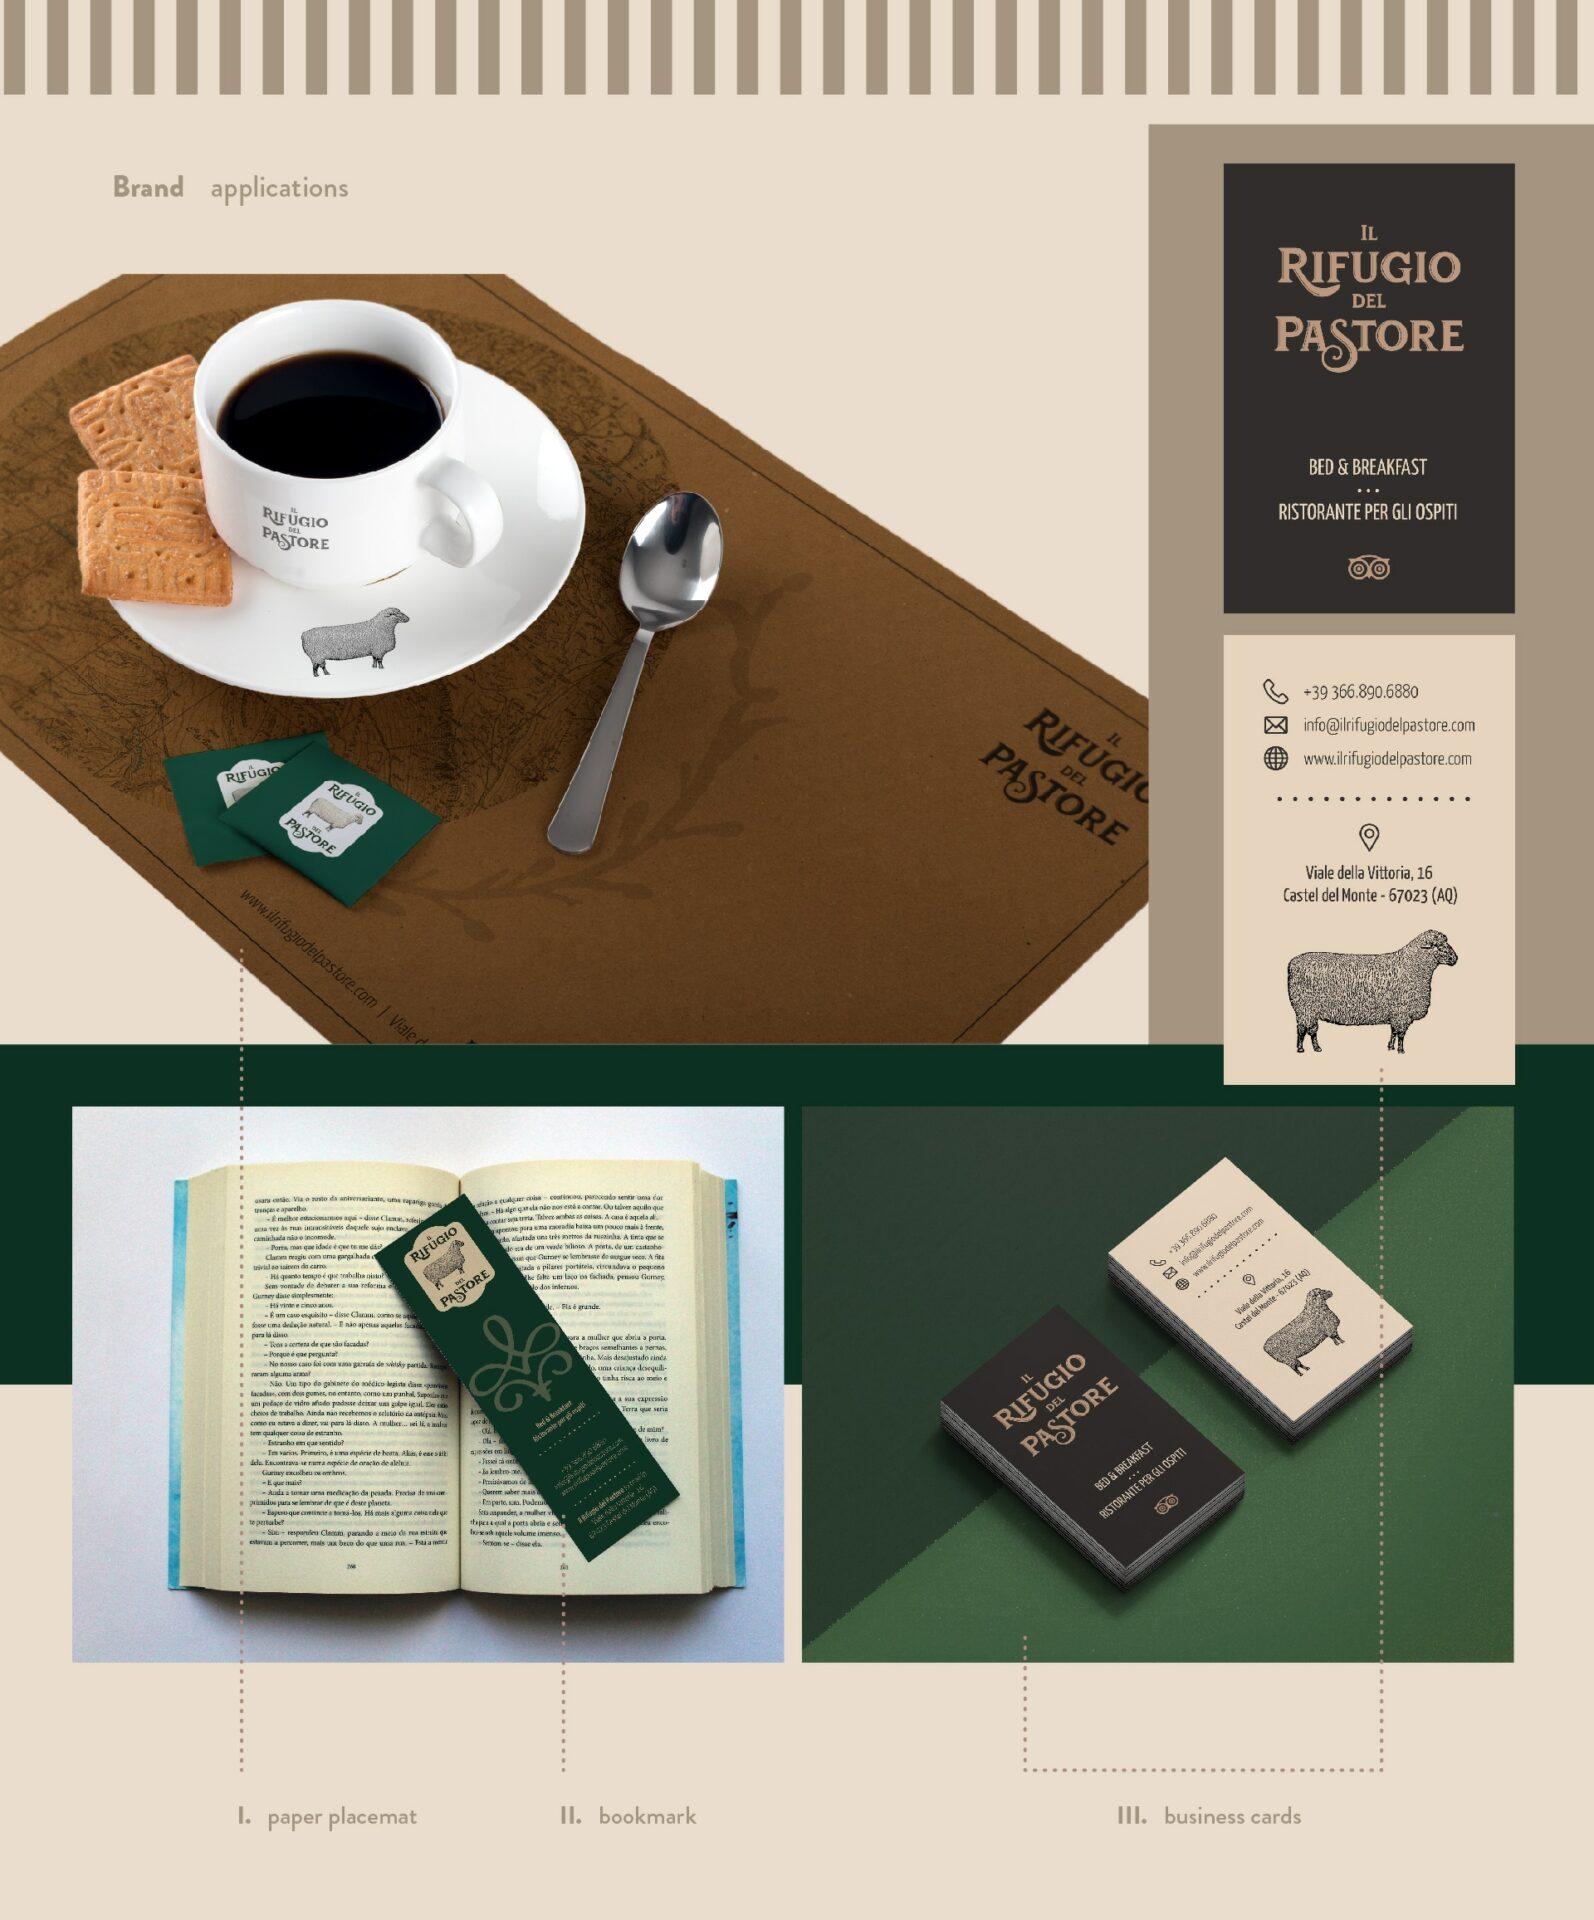 Wider View Portfolio il Rifugio Del Pastore Brand Identity